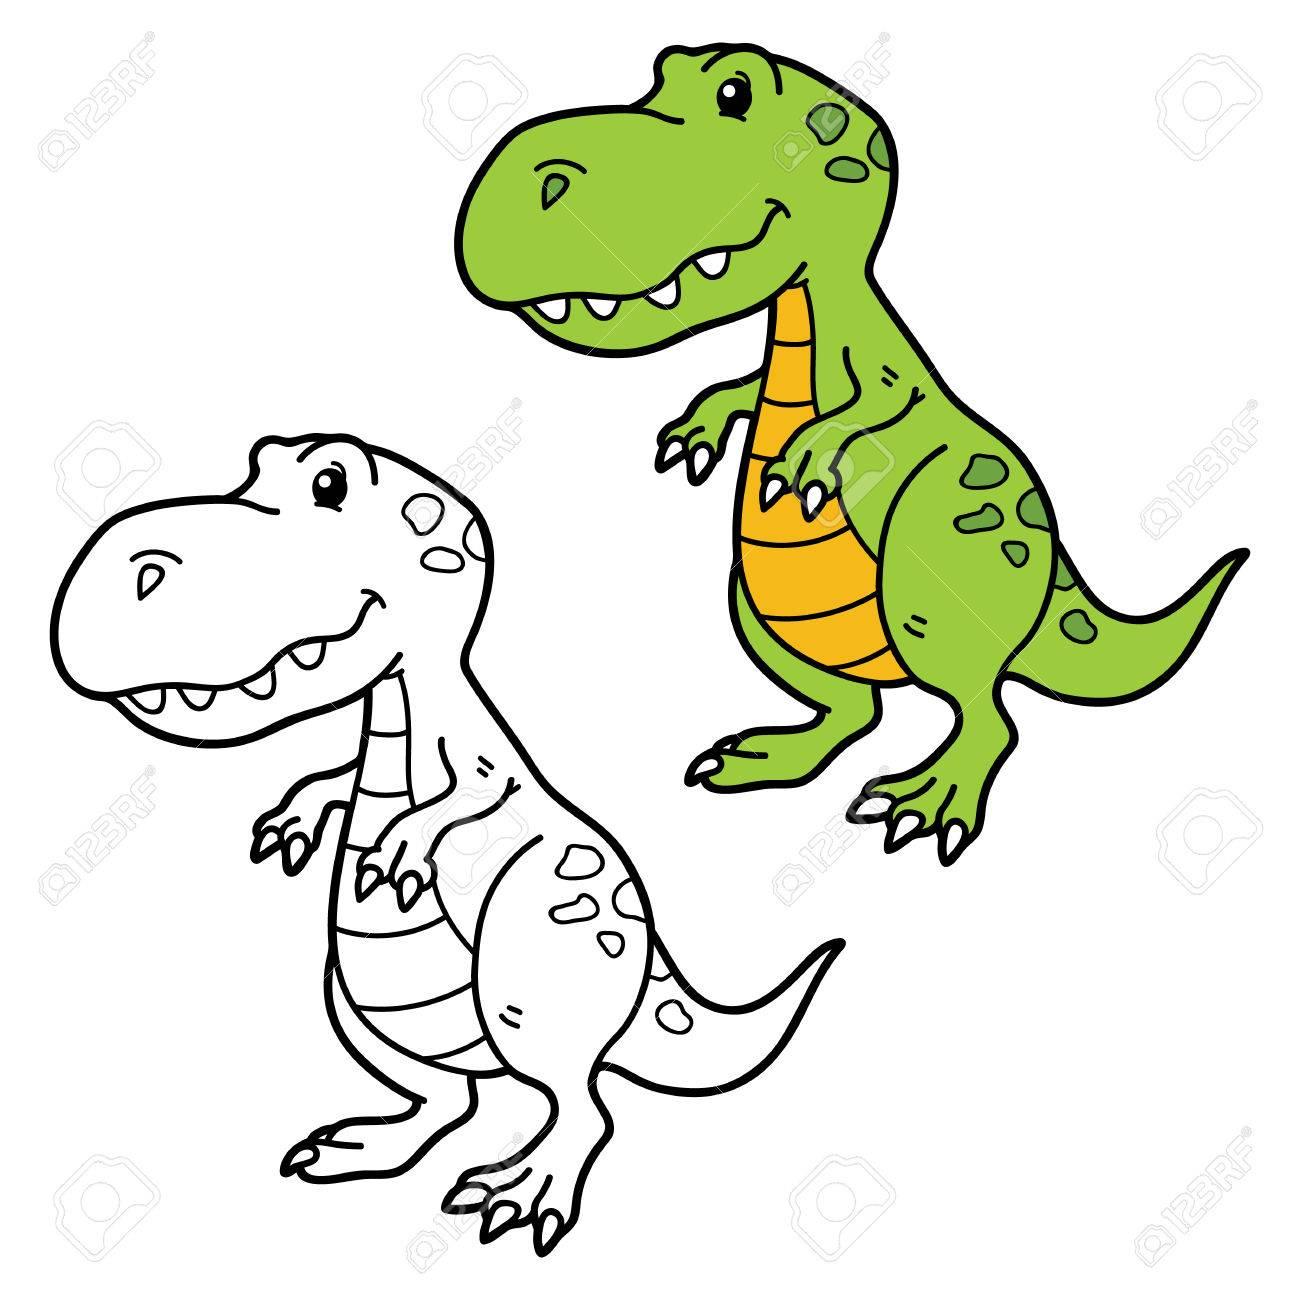 Vector Ilustración De La Página Para Colorear De Dinosaurios De Dibujos Animados Feliz Para Los Niños Colorear Y álbum De Recortes